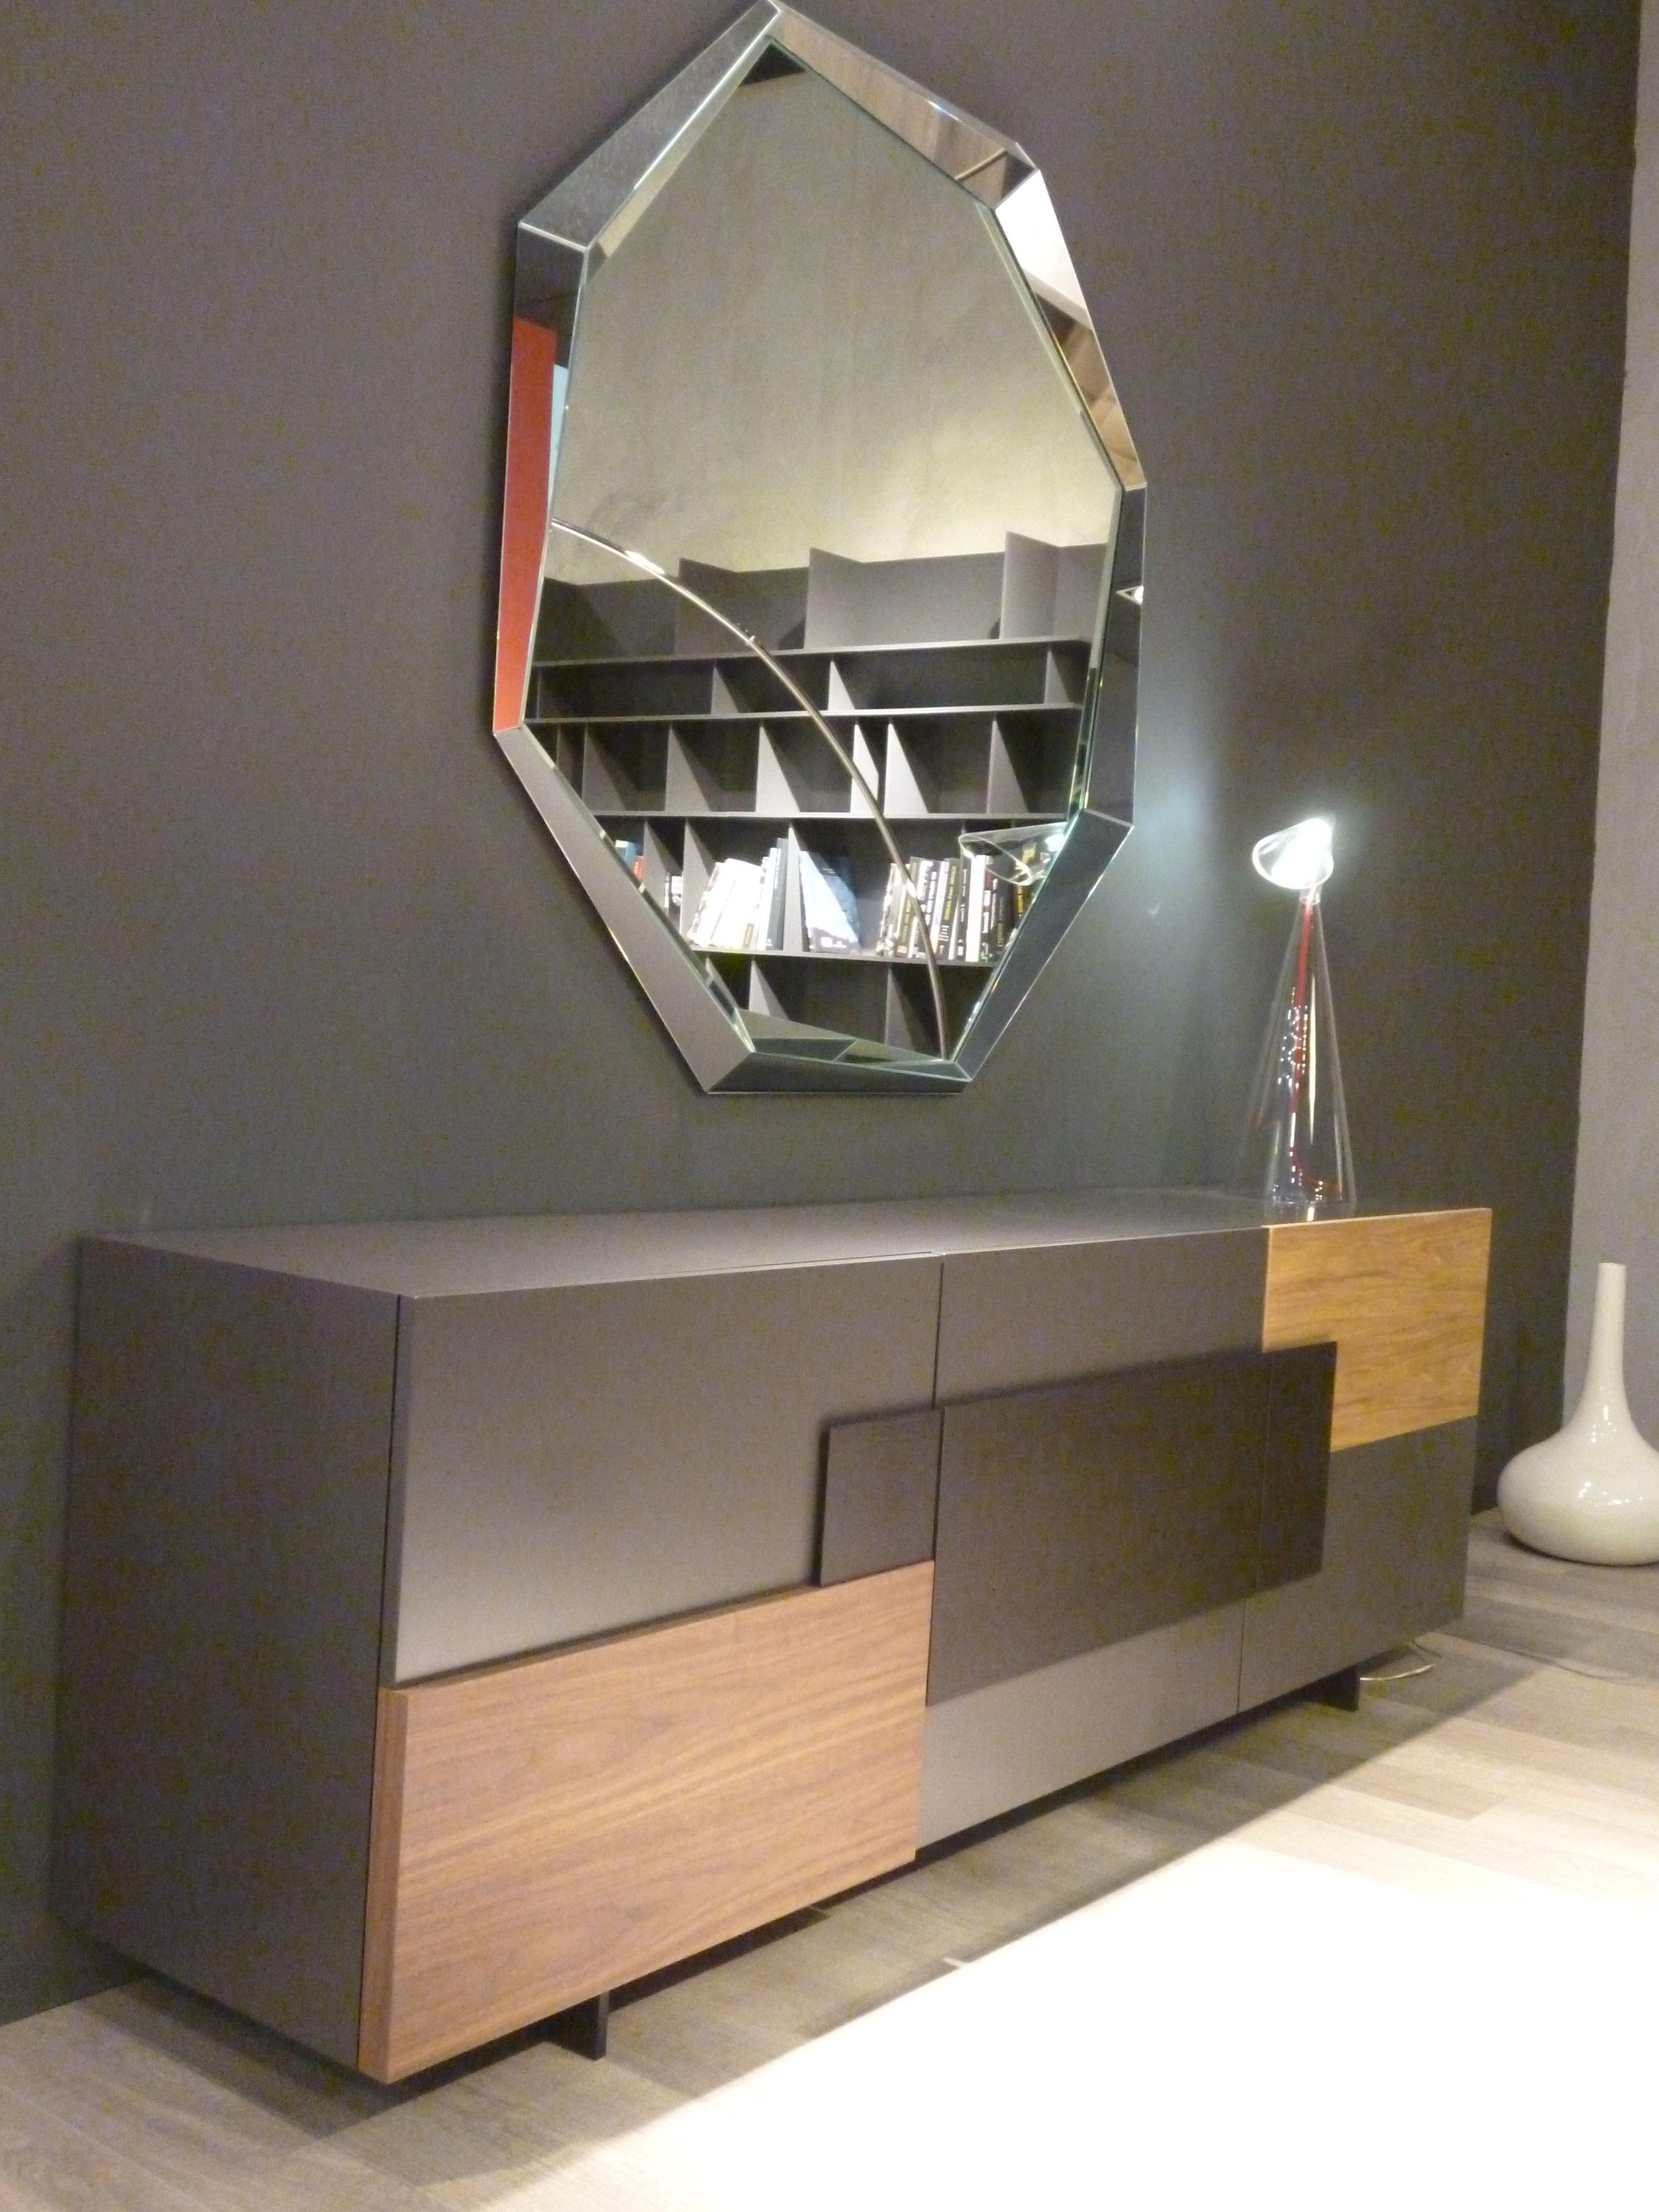 madia moderna laccata lucida con top marmo grigio - art 1645 ... - Credenza Moderna Due Cassetti Horizon Cattelan